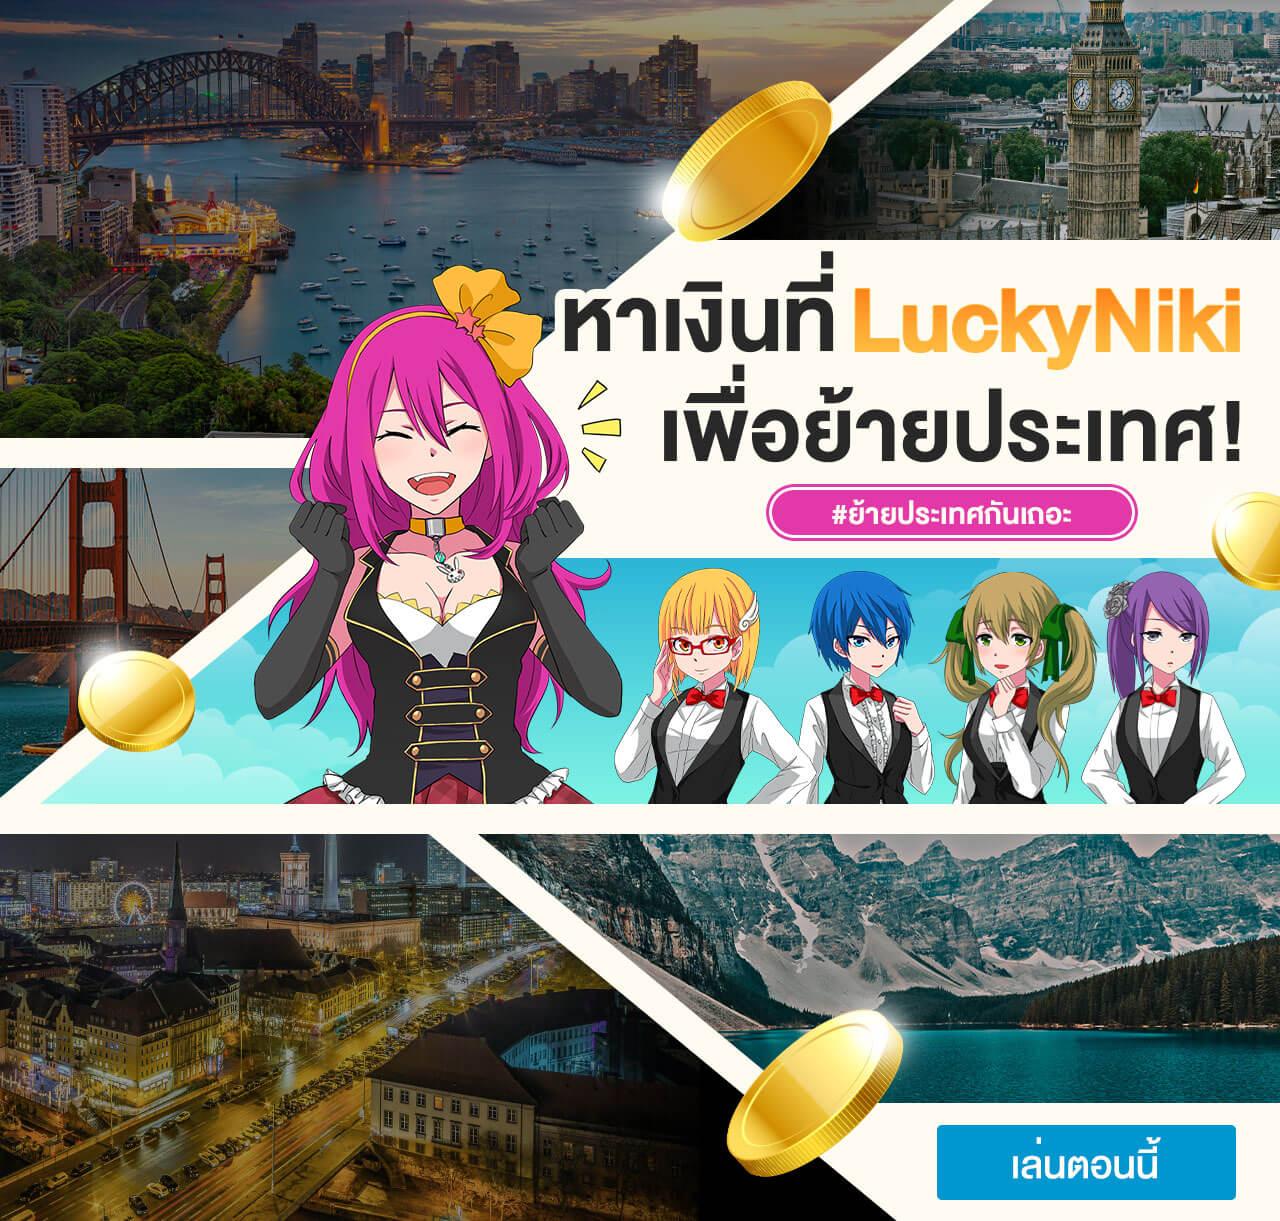 หาเงินที่ LuckyNiki เพื่อย้ายประเทศ #ย้ายประเทศกันเถอะ